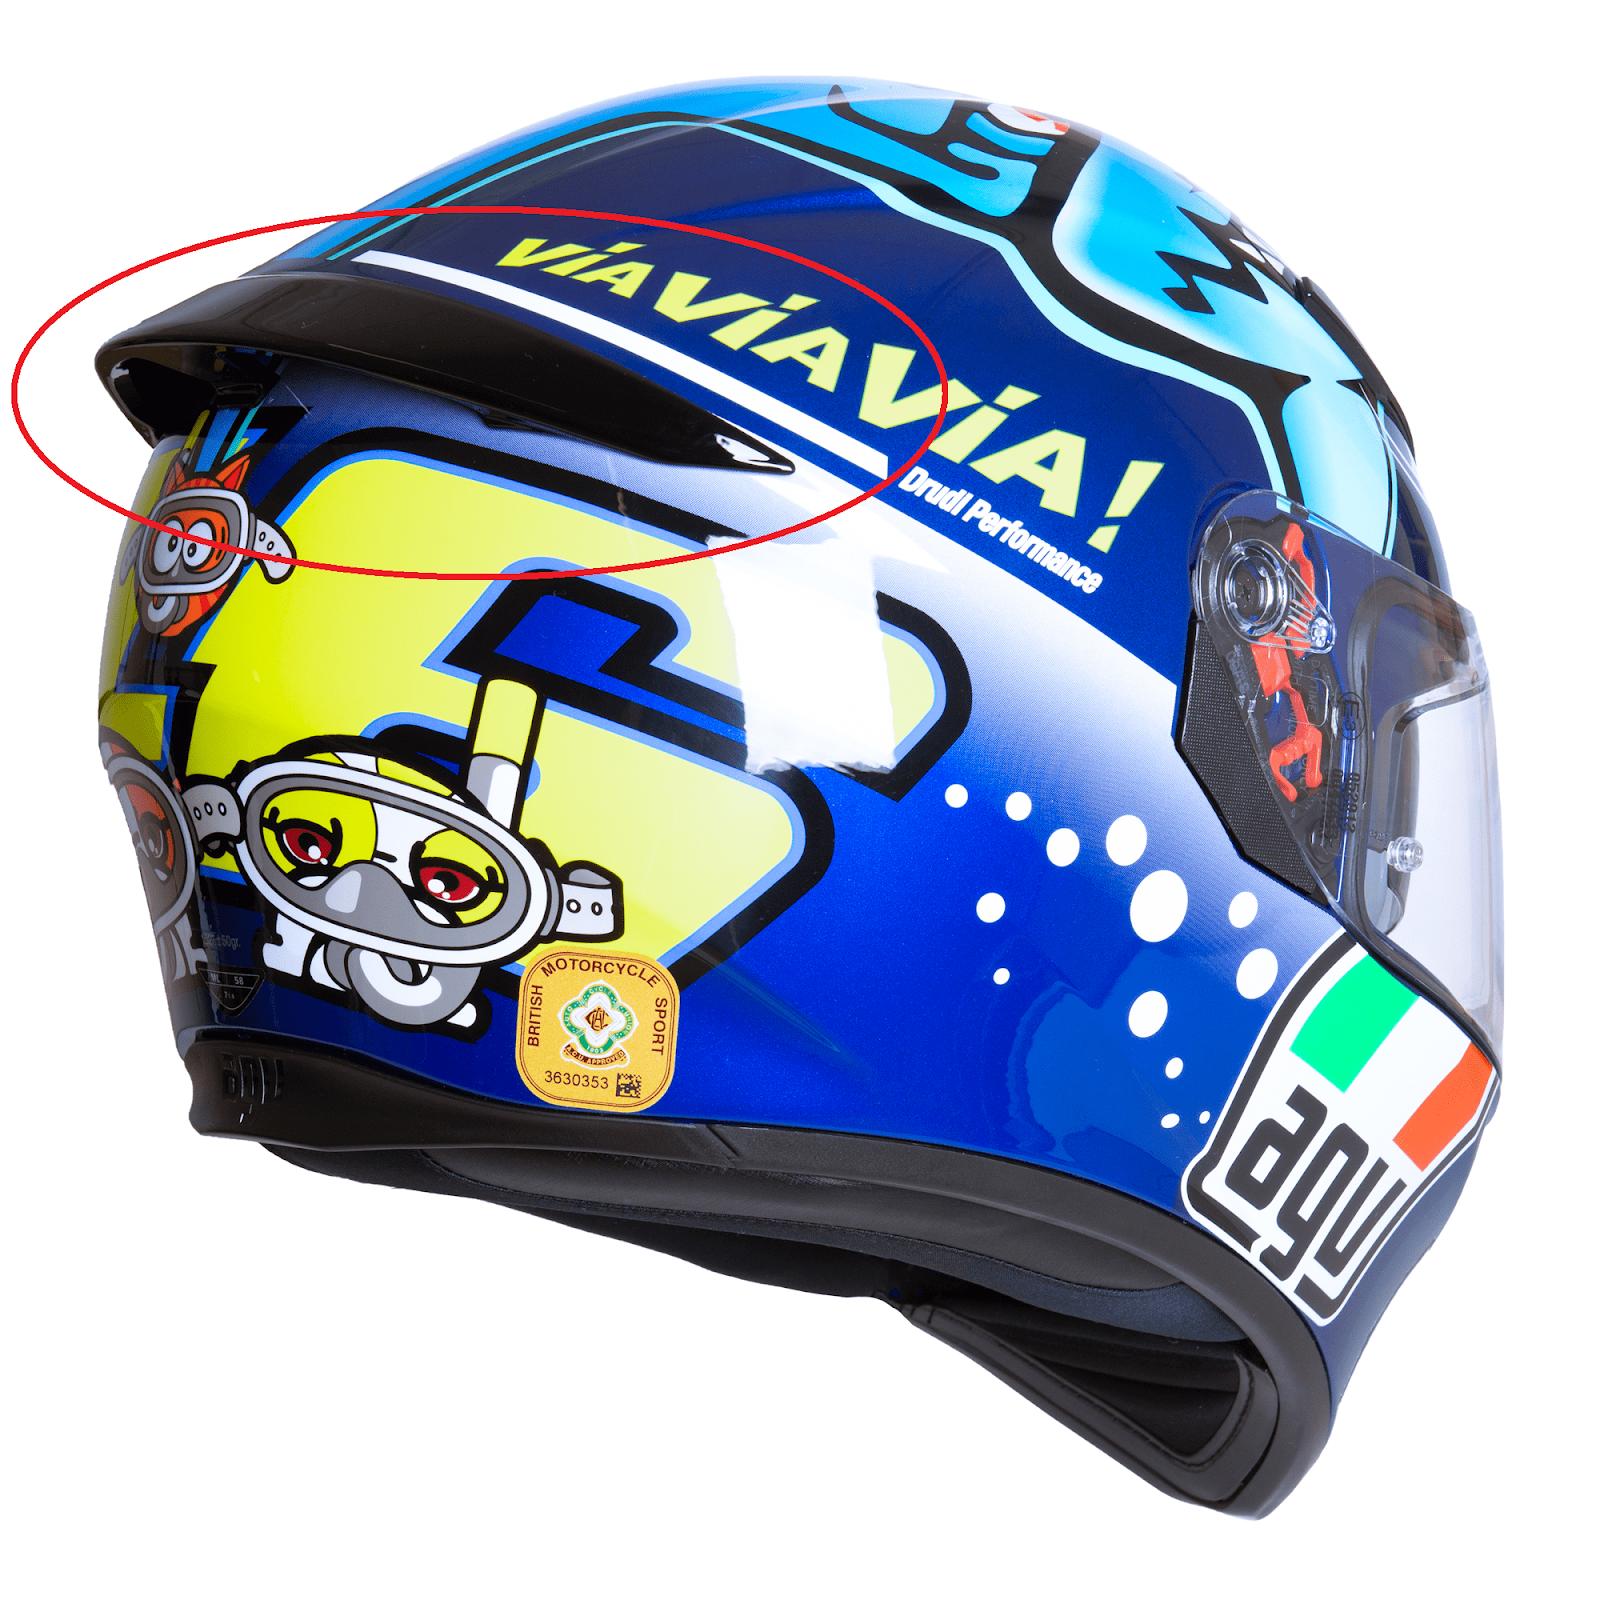 Agv K 3 Sv K3 Sv Rear Spoiler For Agv K3 Sv Full Face Helmet Black Blue White Ebay